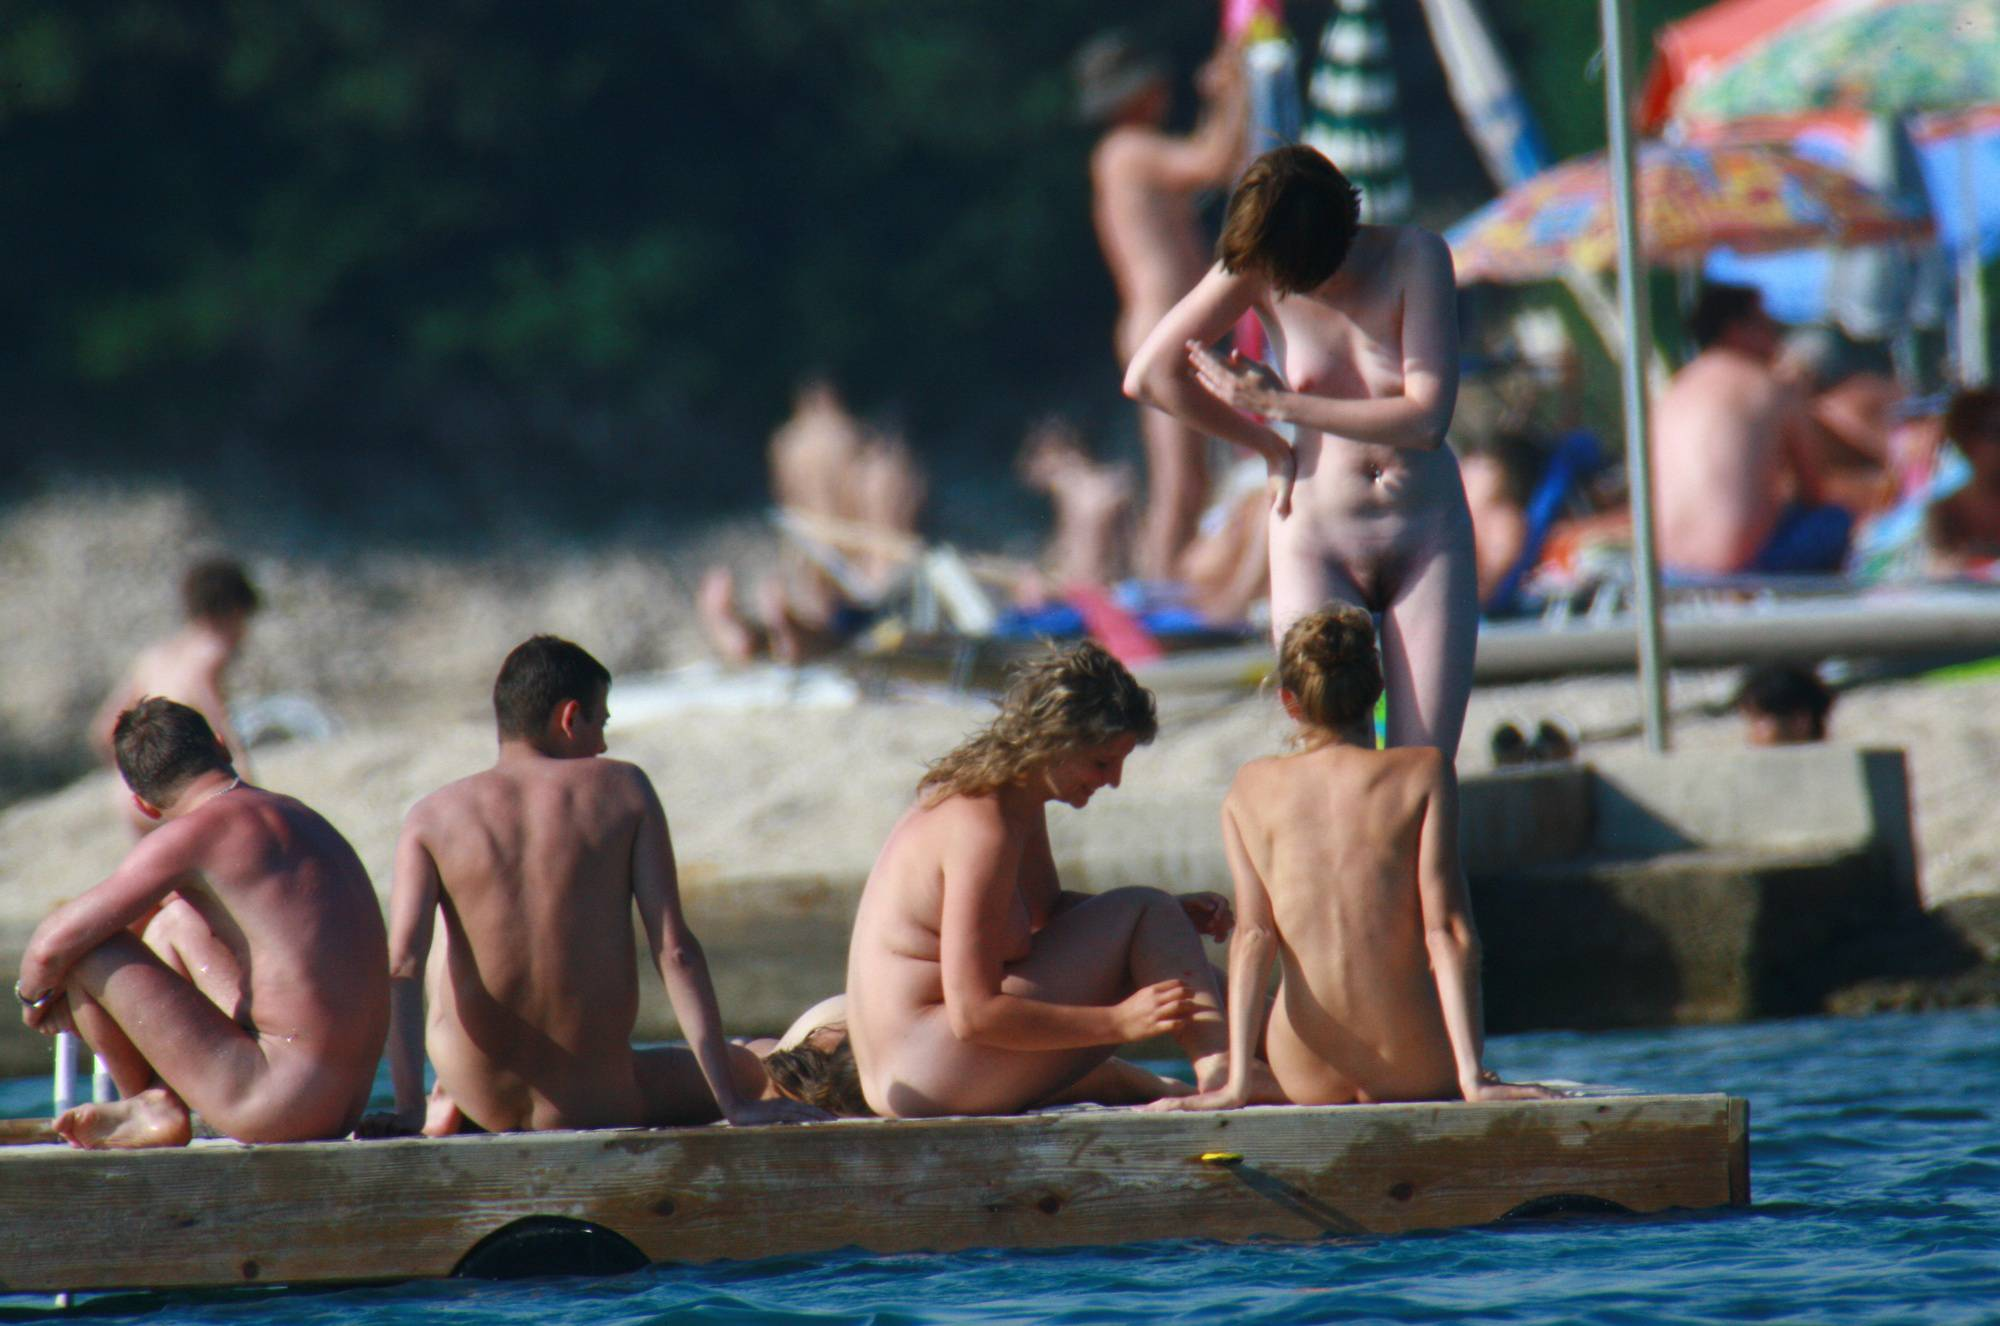 Nudist Slab Group Tanning - 1